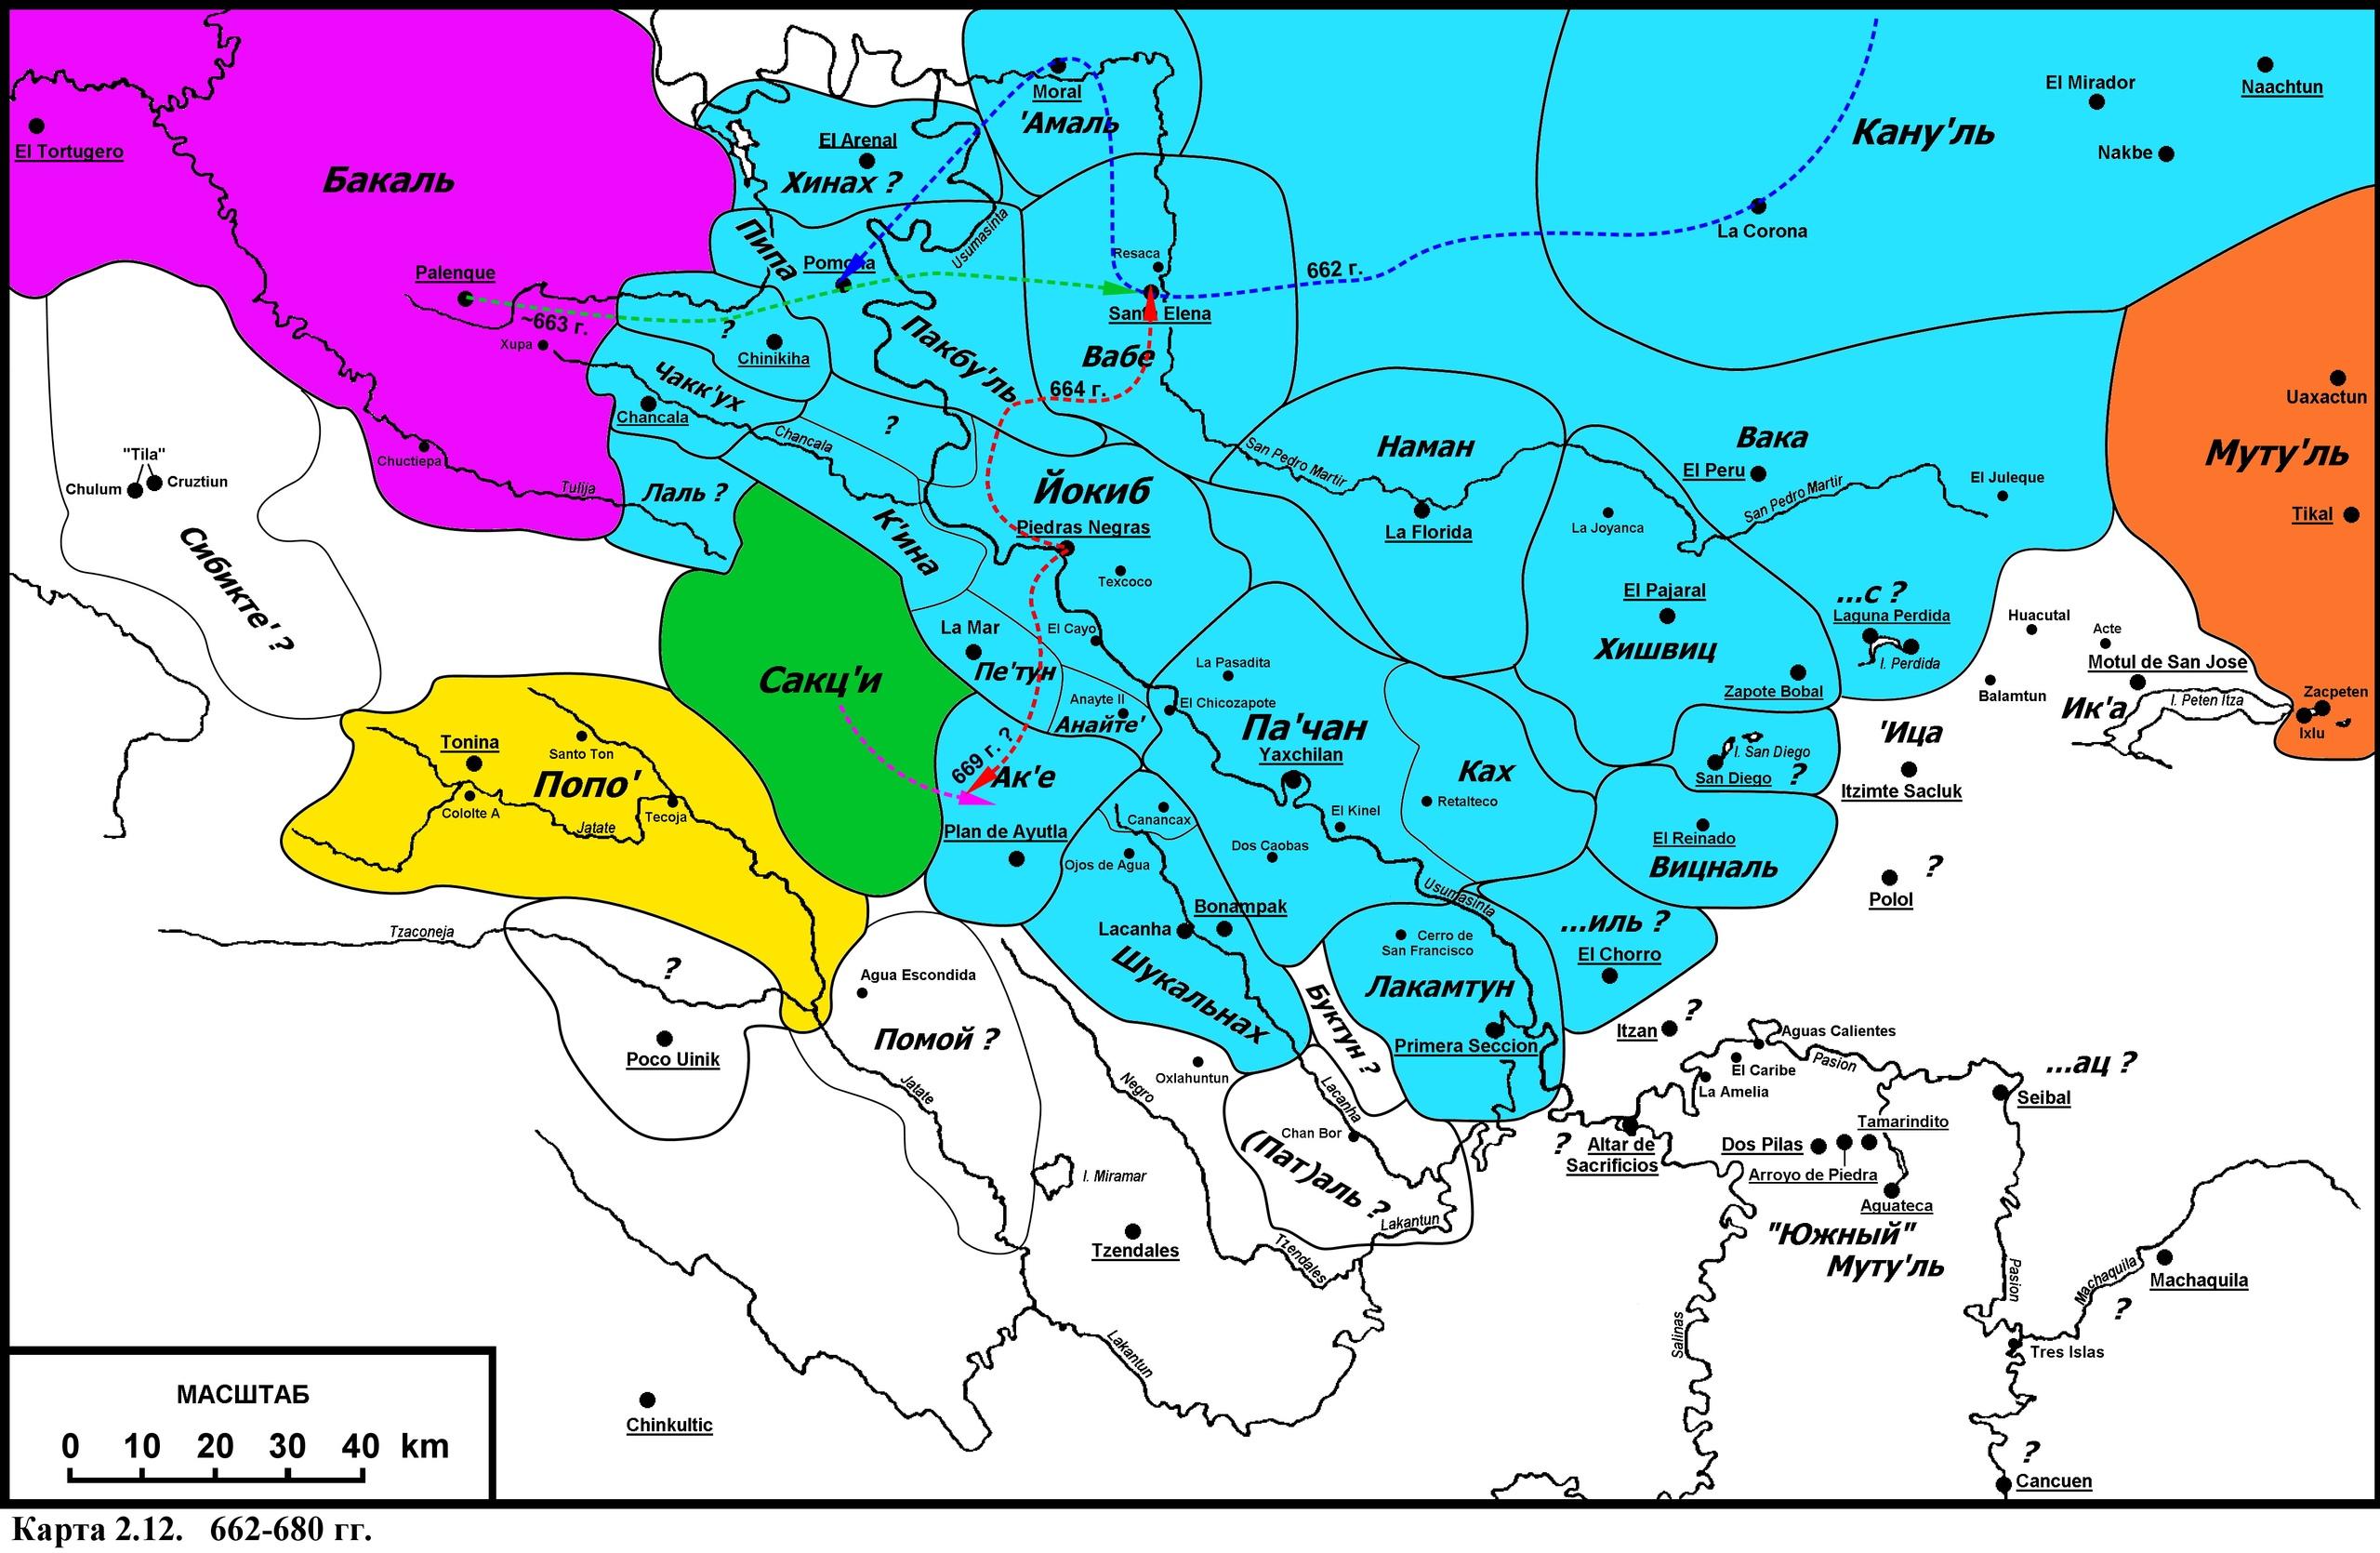 Гегемония Кану'ля в Западных низменностях